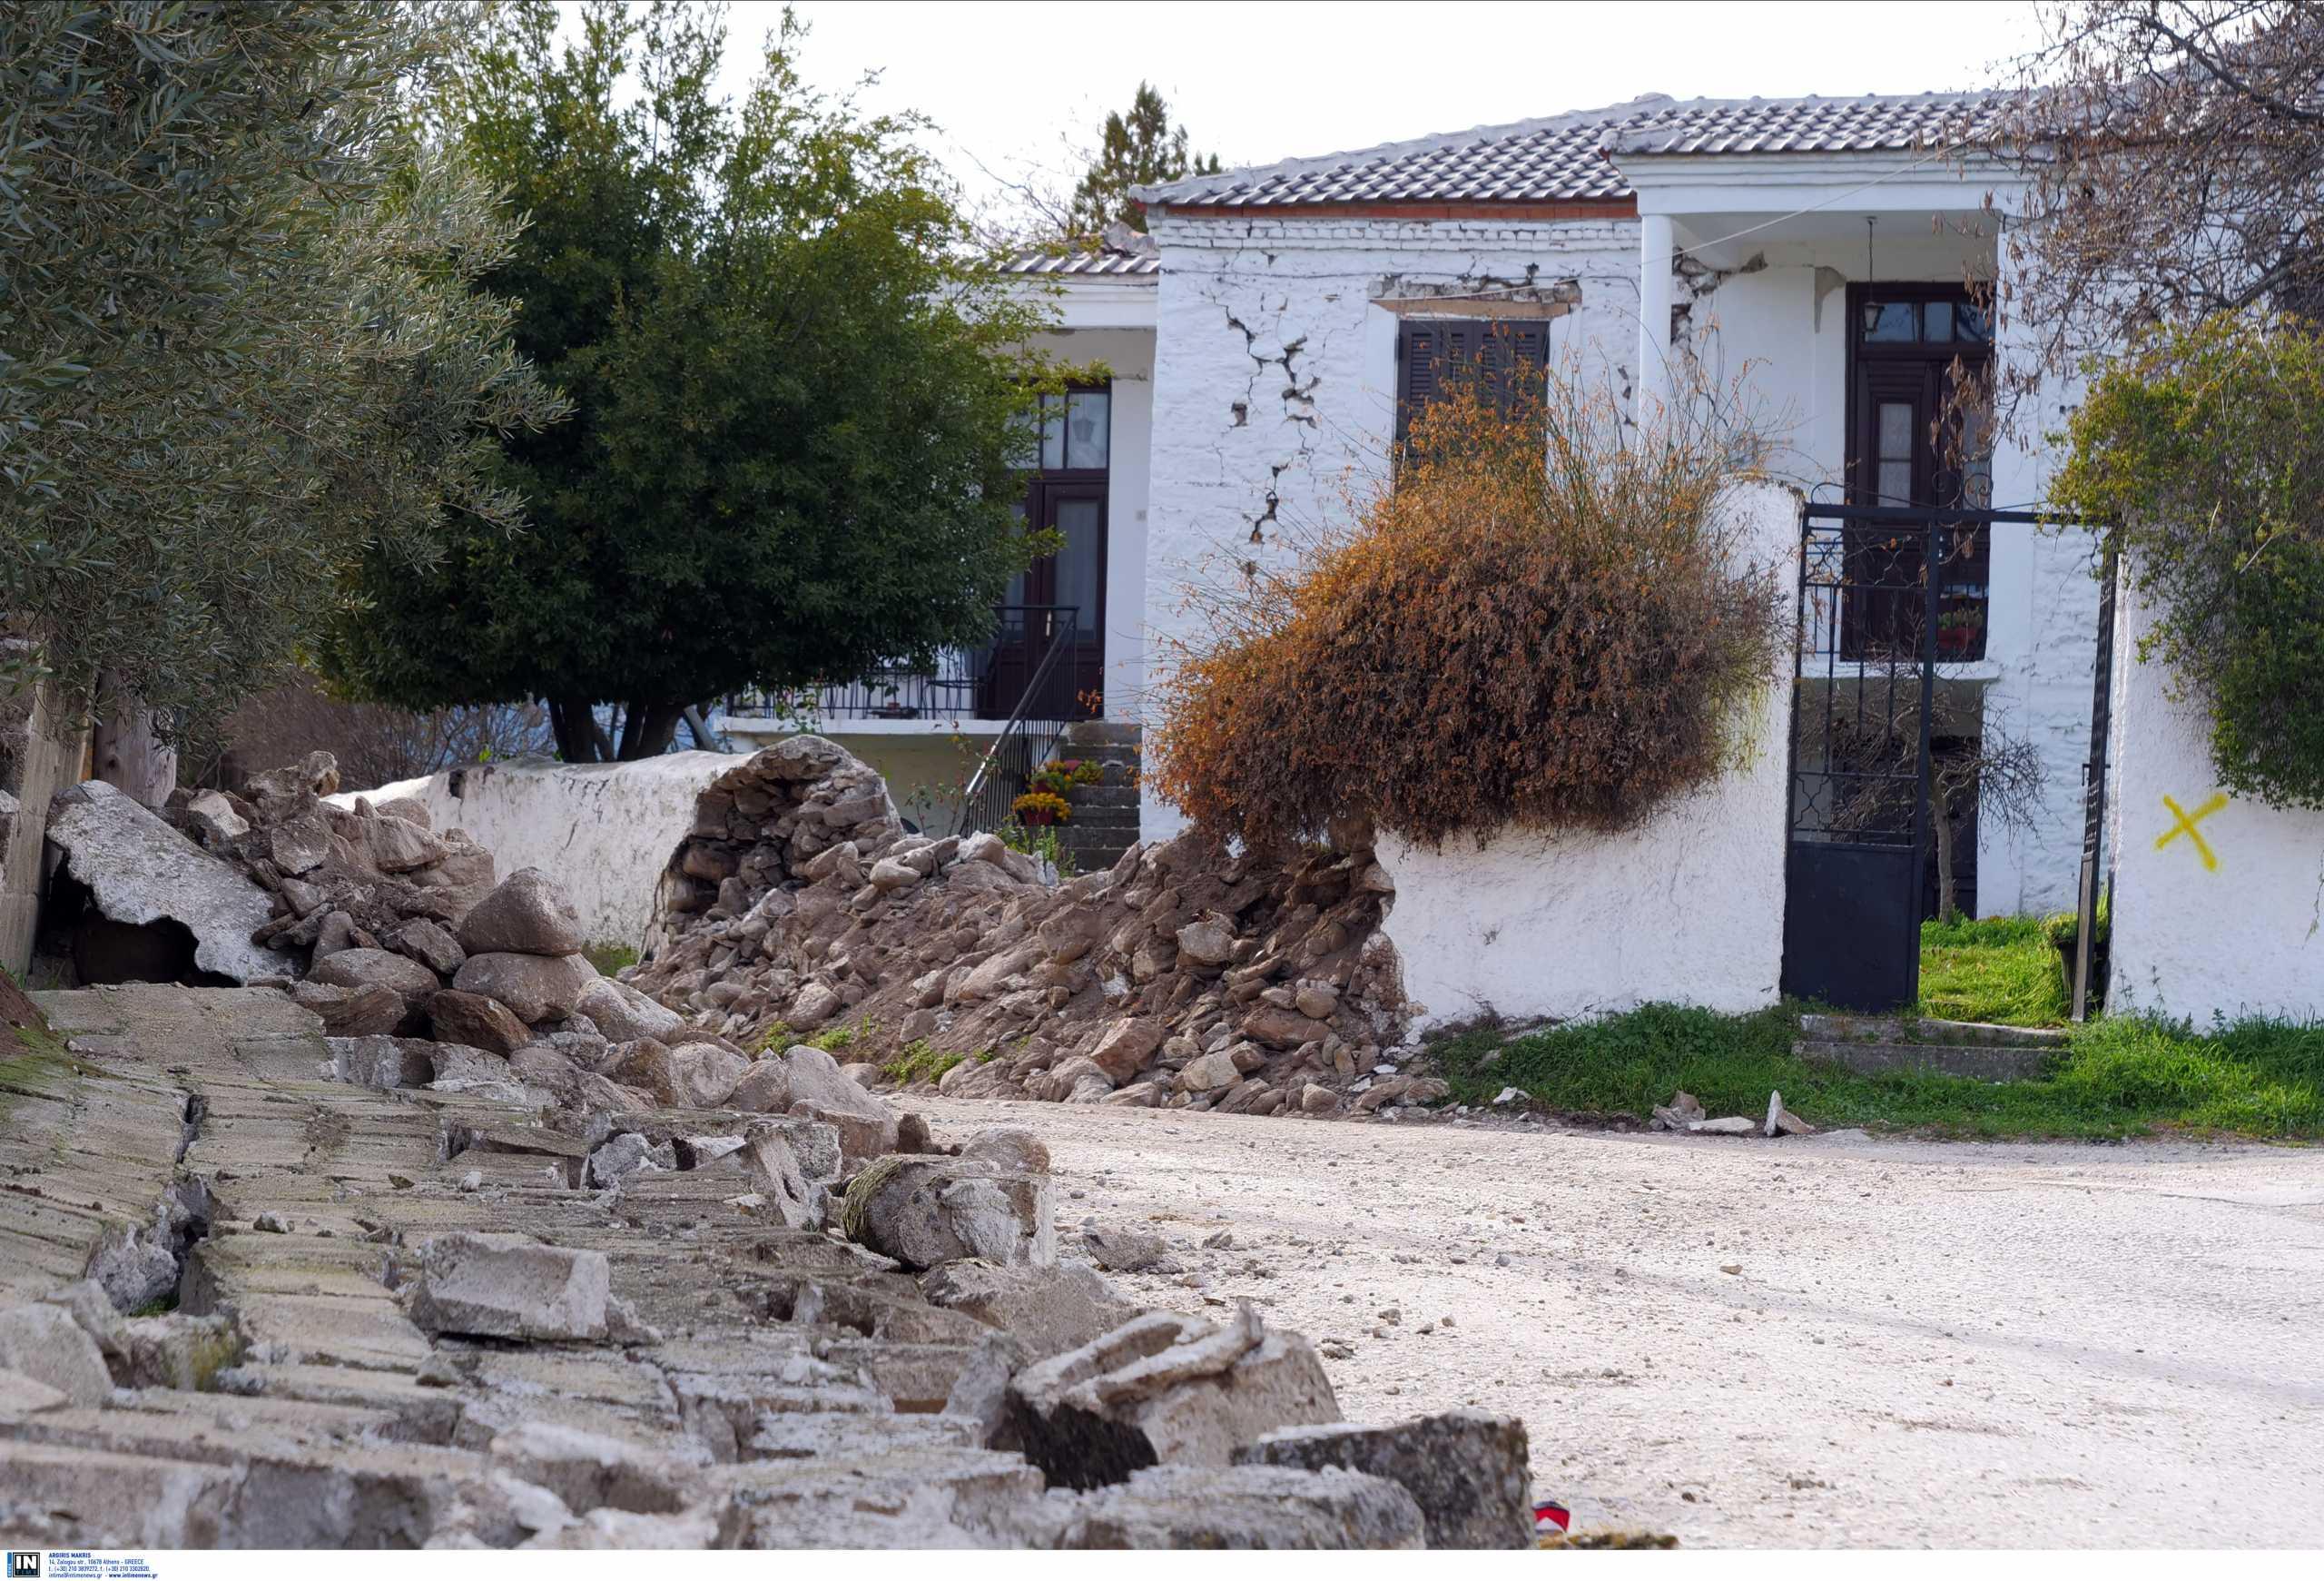 Νέες ρωγμές σε σπίτια από το νέο σεισμό των 5,2 Ρίχτερ σε Ελασσόνα και Τύρναβο